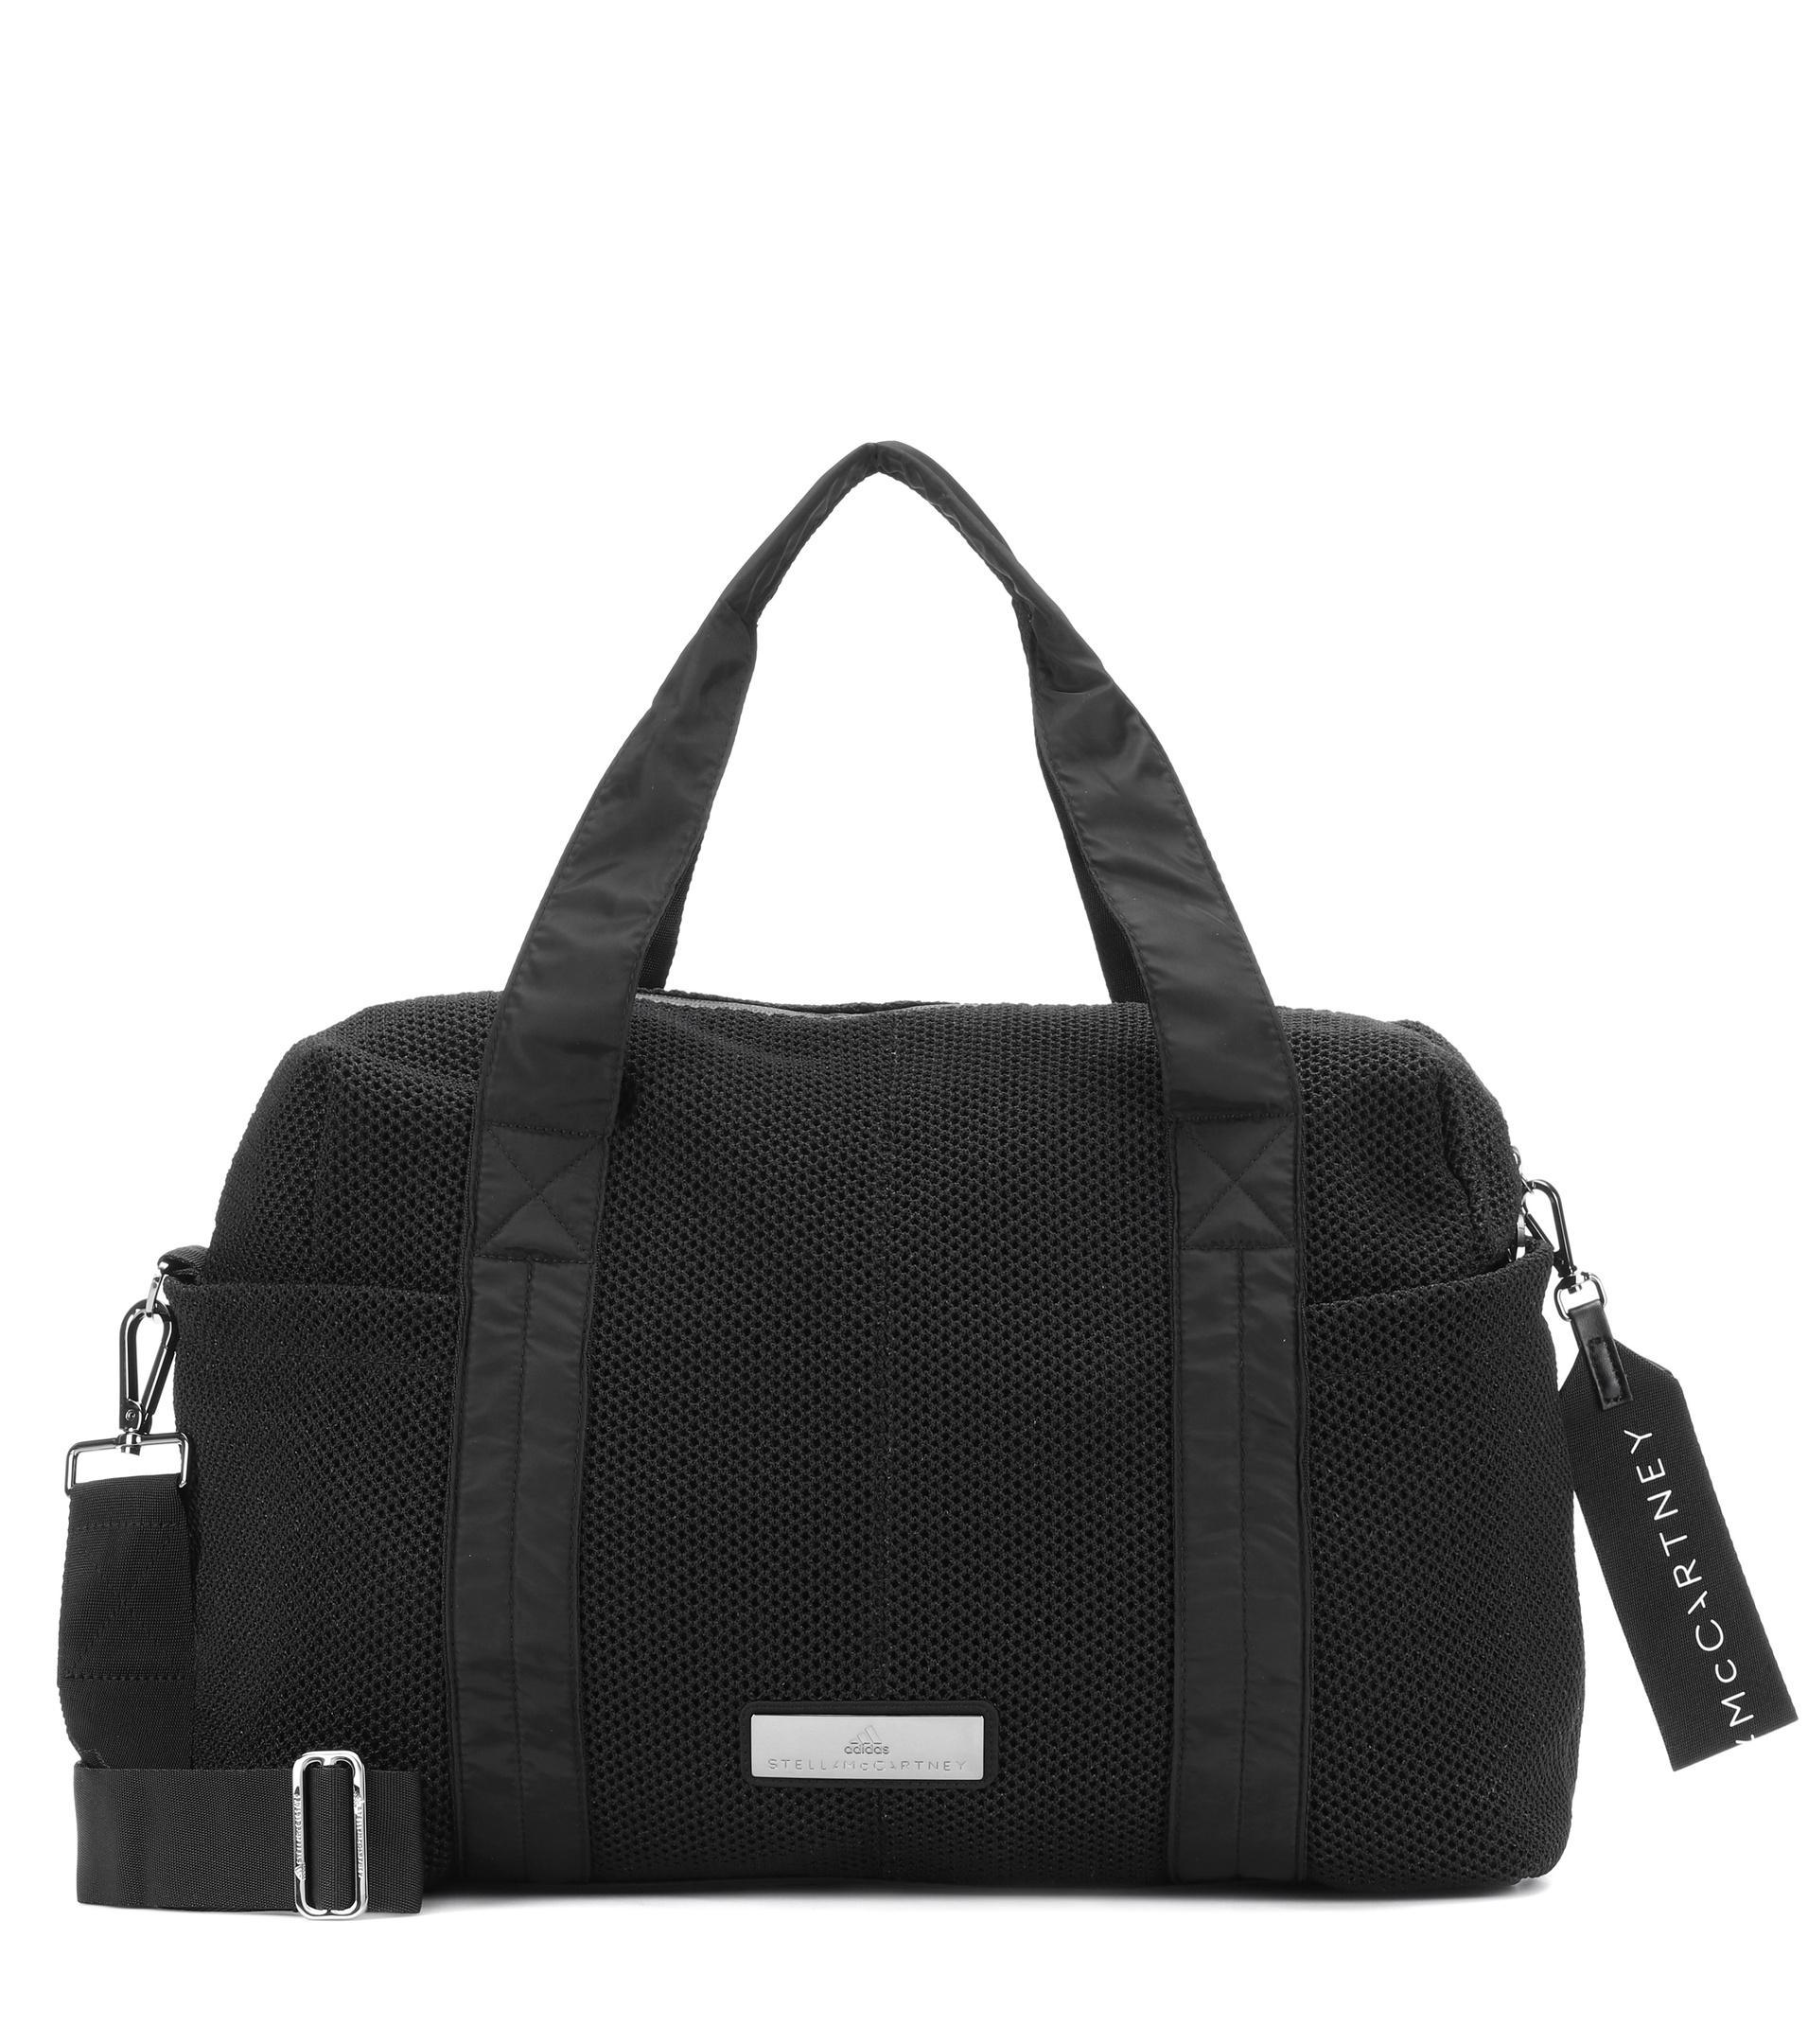 a86072b5f1 Lyst - adidas By Stella McCartney Shipshape Shoulder Bag in Black